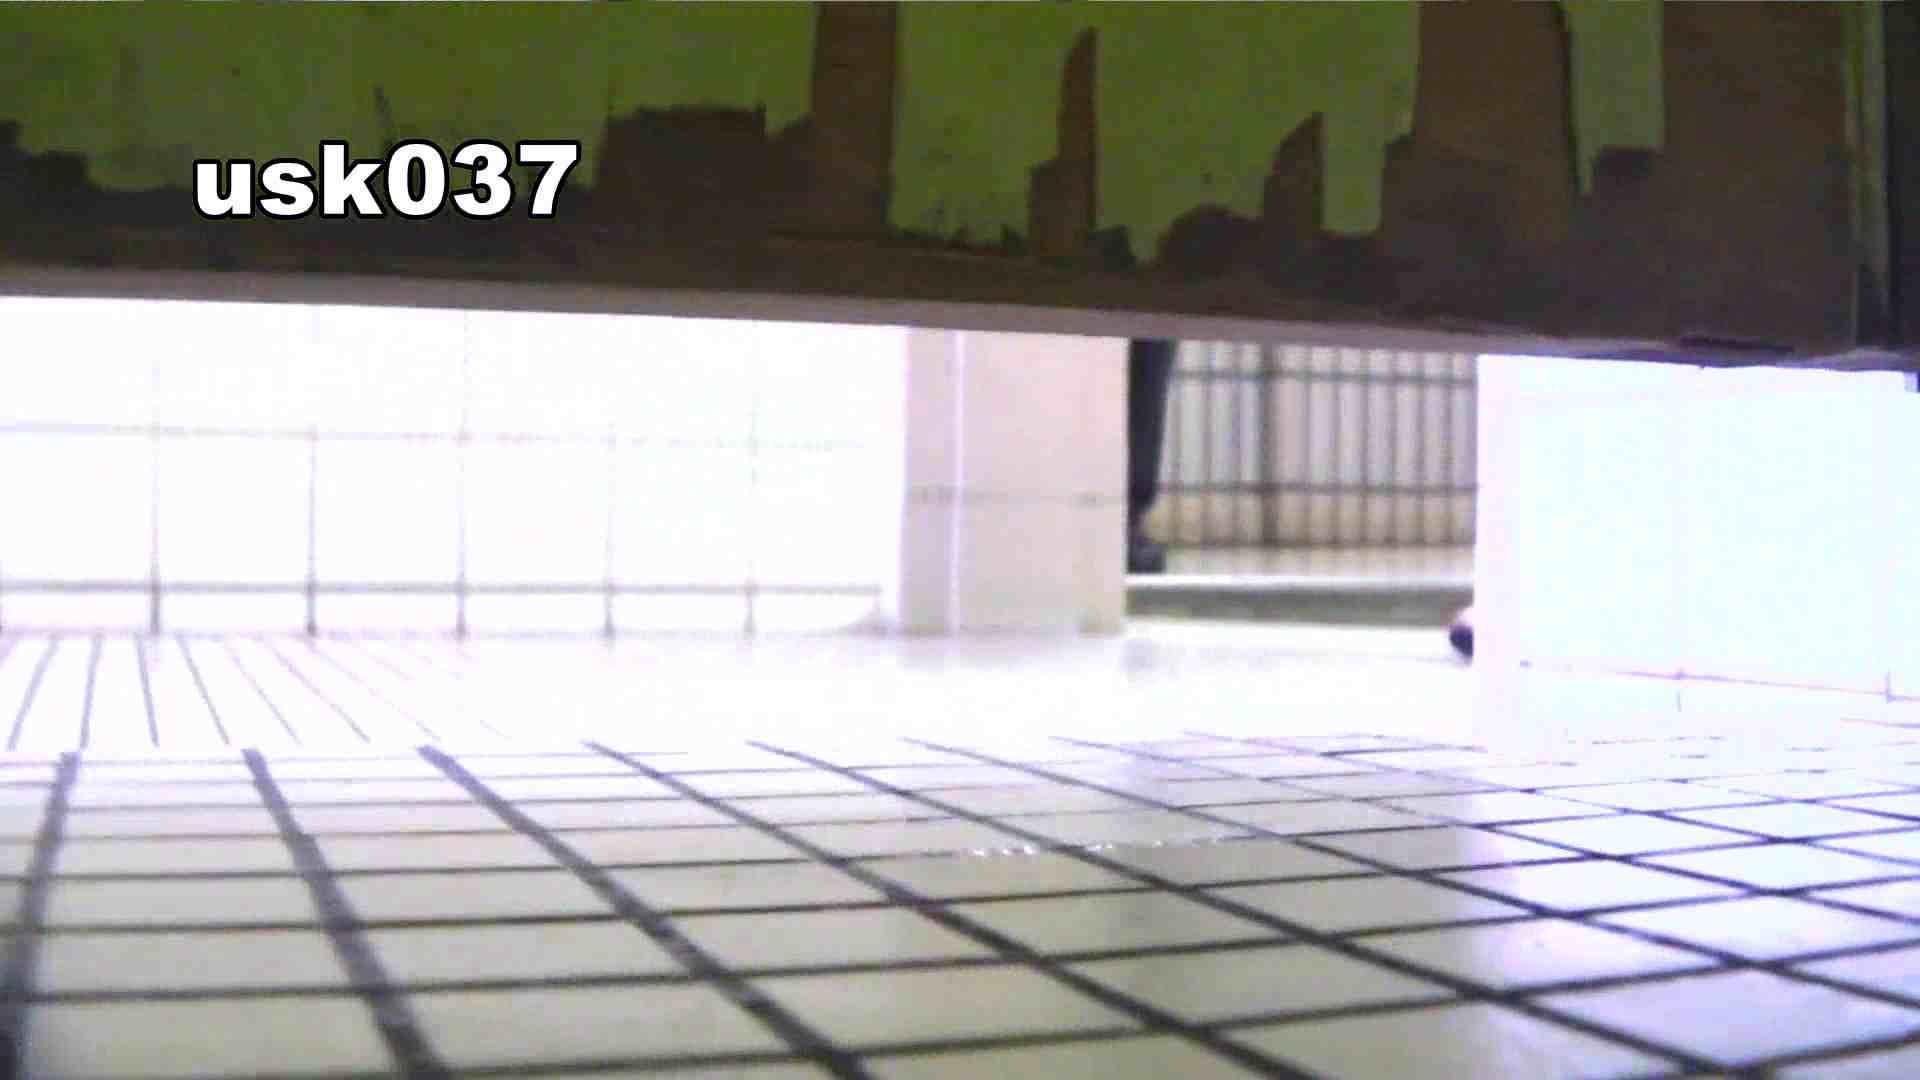 【美しき個室な世界】 vol.037 ひねり出す様子(フトイです) OLの実態 | 洗面所  90pic 85